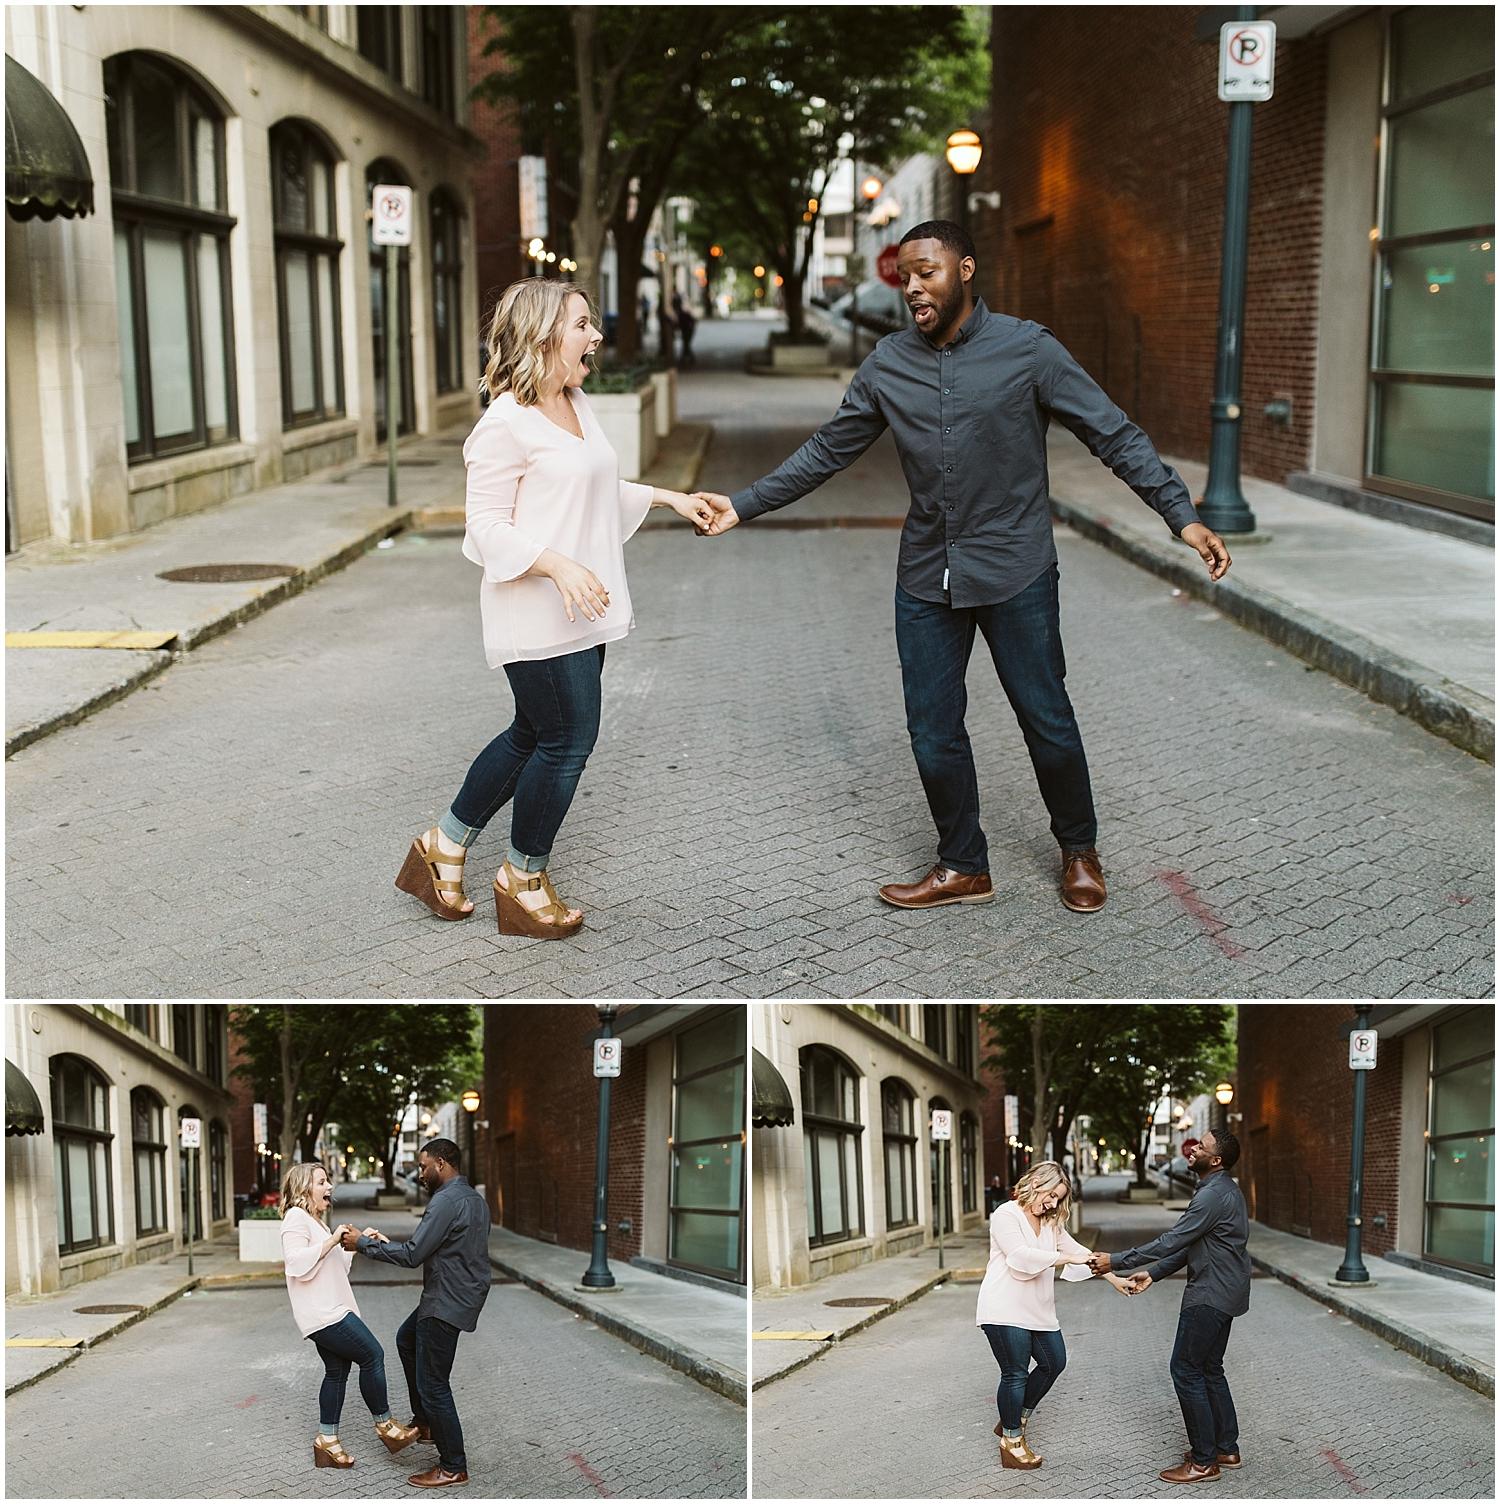 dancing engagement shoot